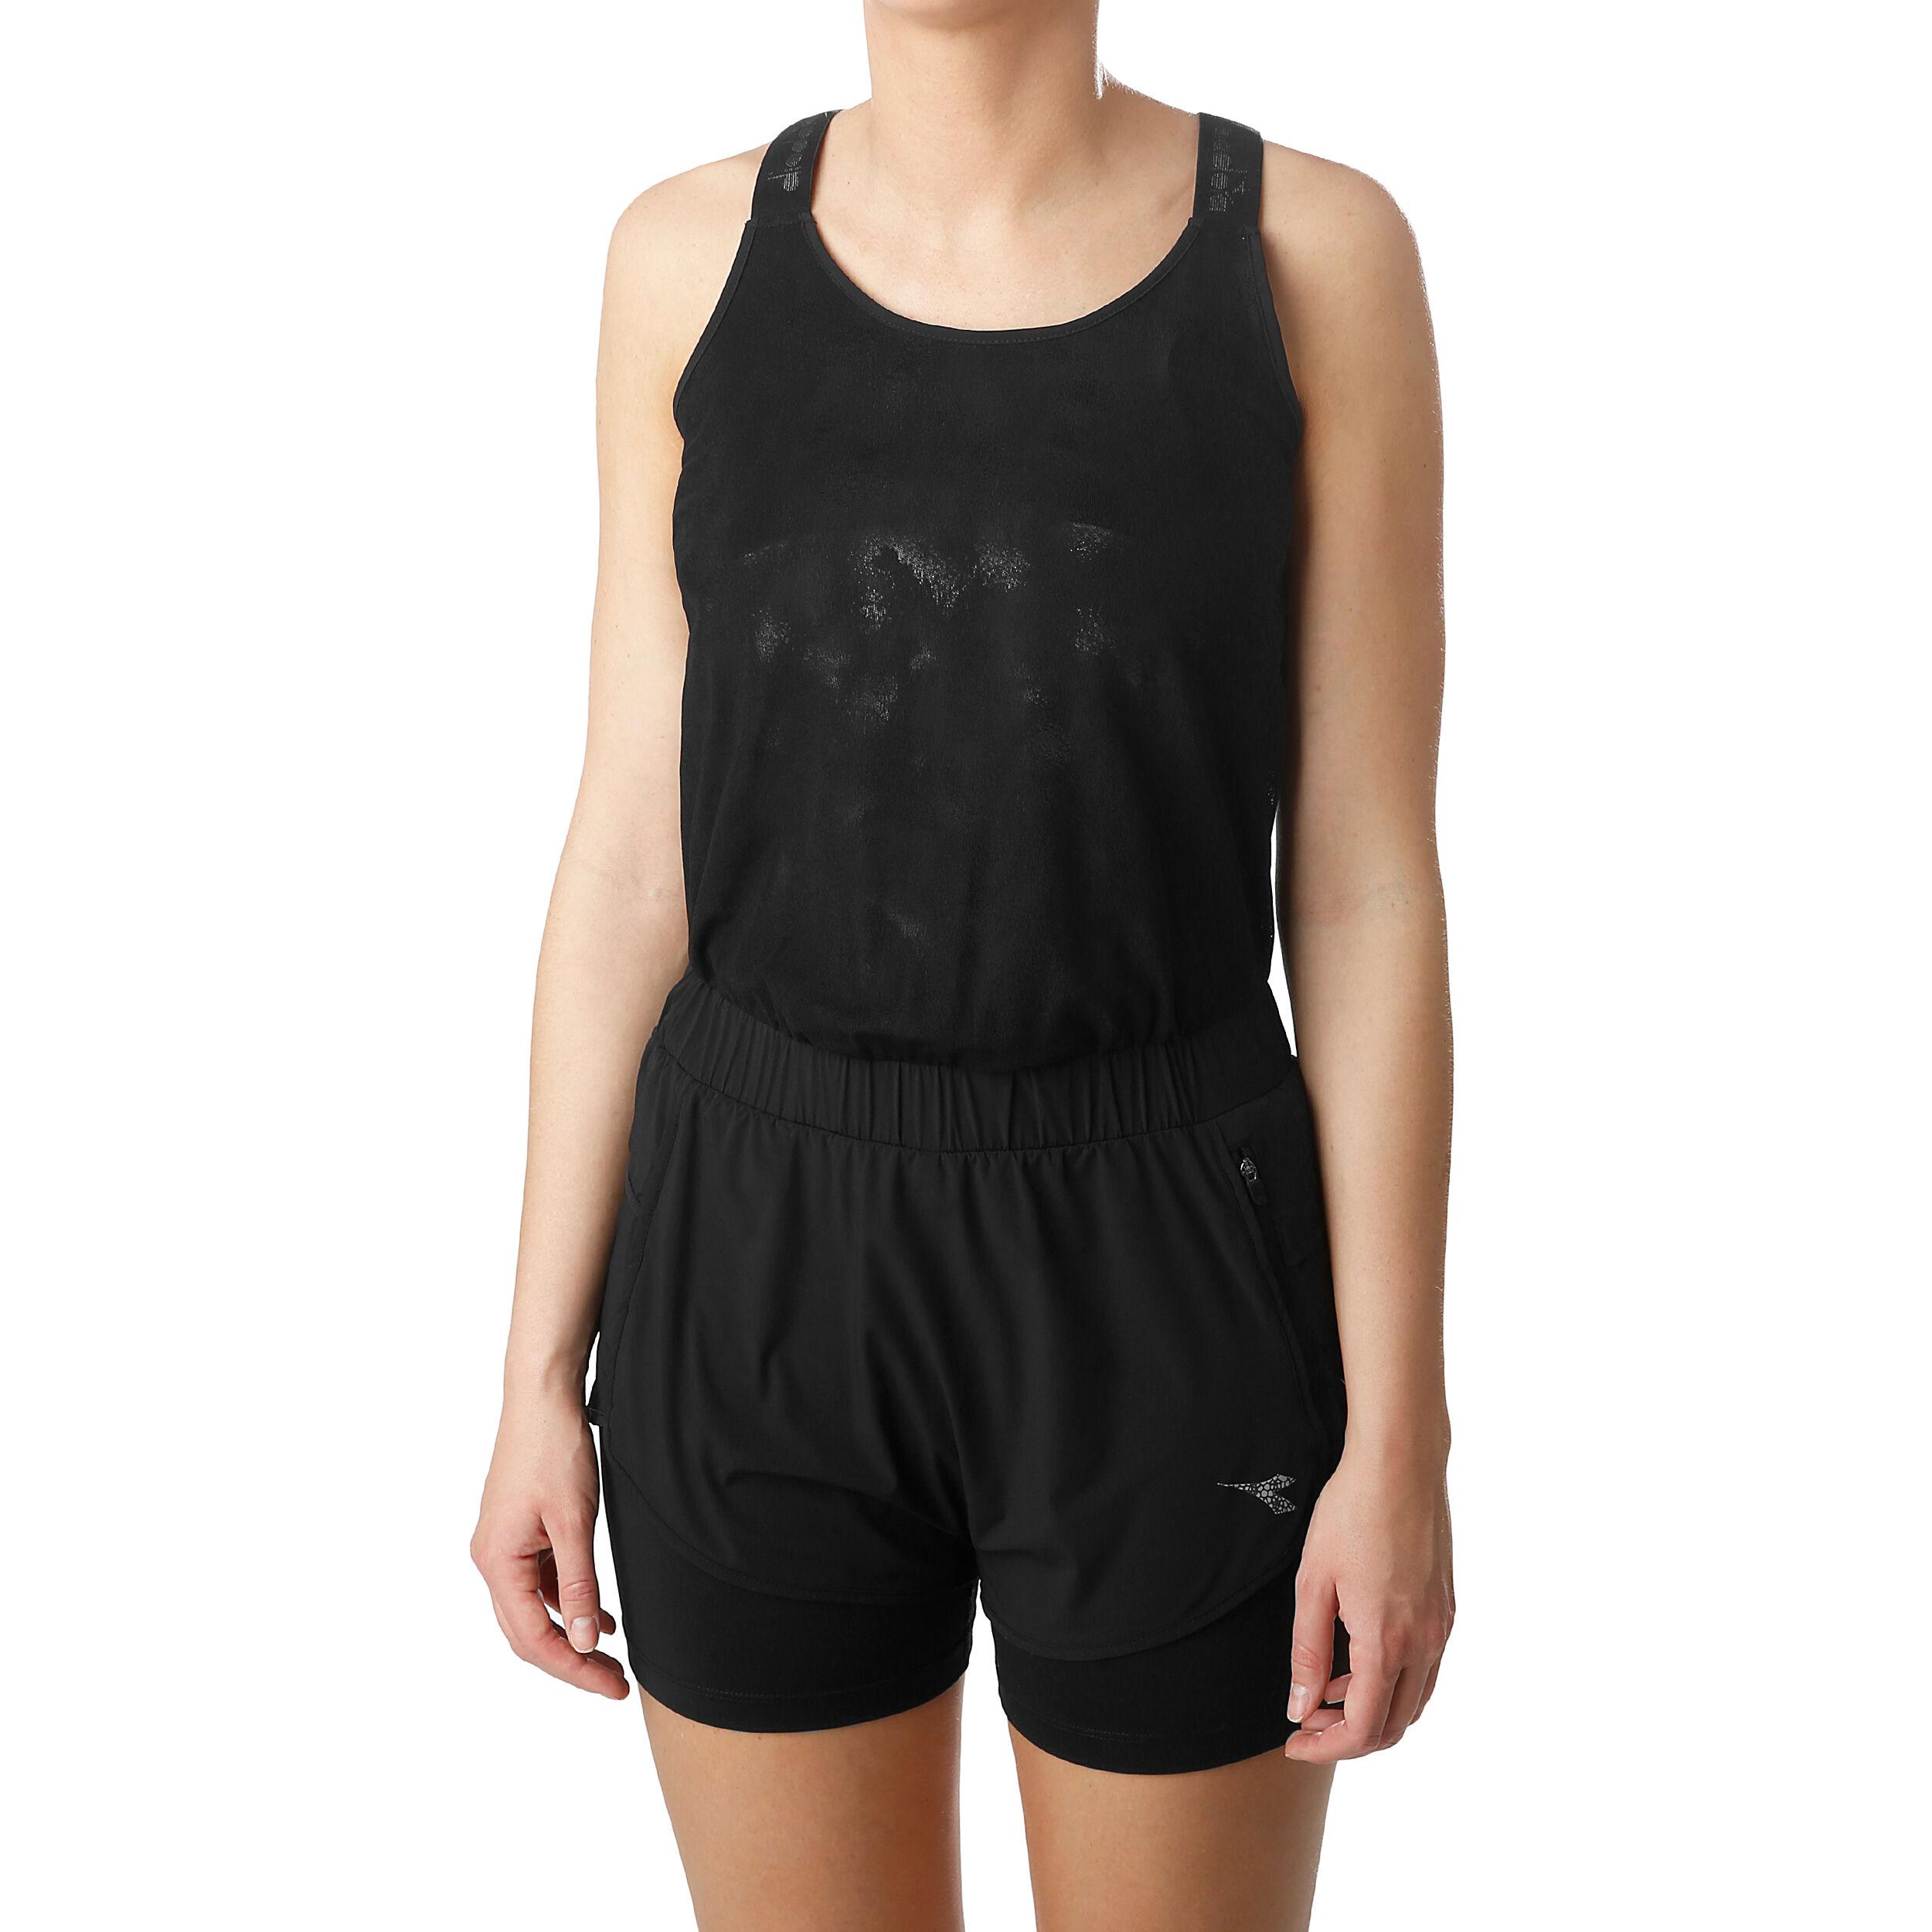 Abbigliamento da tennis da Diadora compra online   Tennis Point